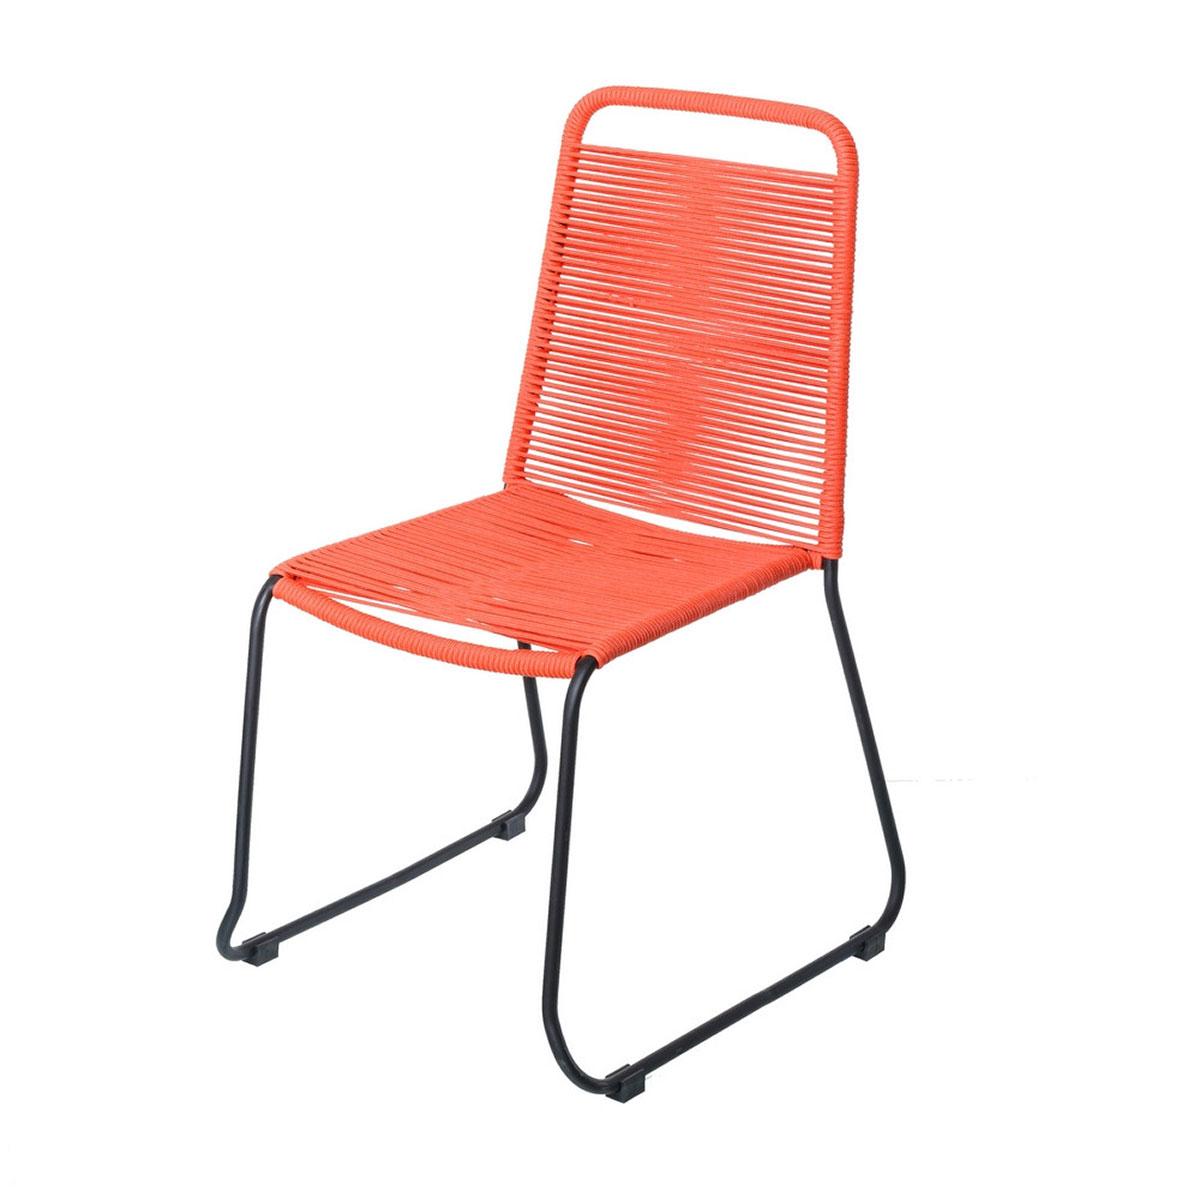 Chaise empilable en corde et acier - Rouge - 53.00 cm x 53.00 cm x 88.00